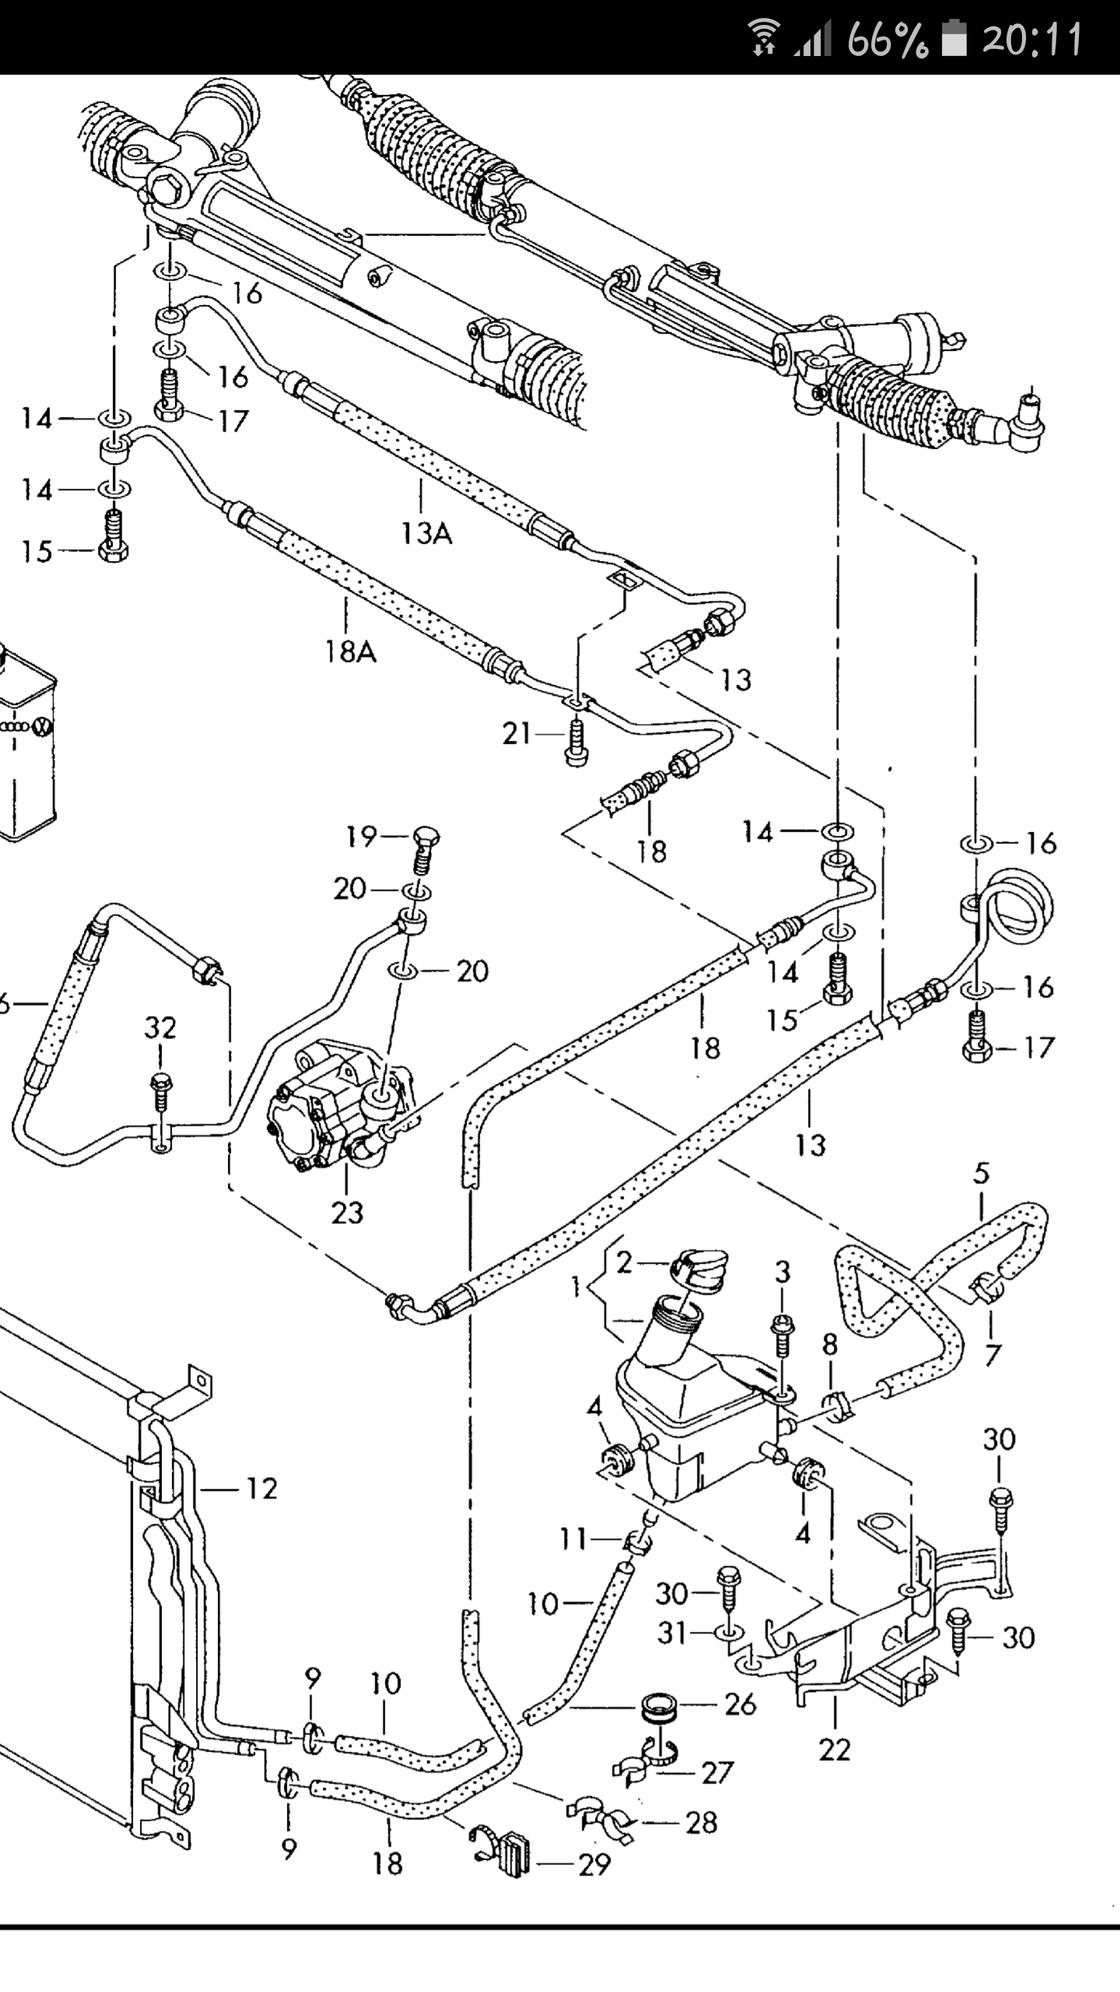 Replacing Power Steering Hose